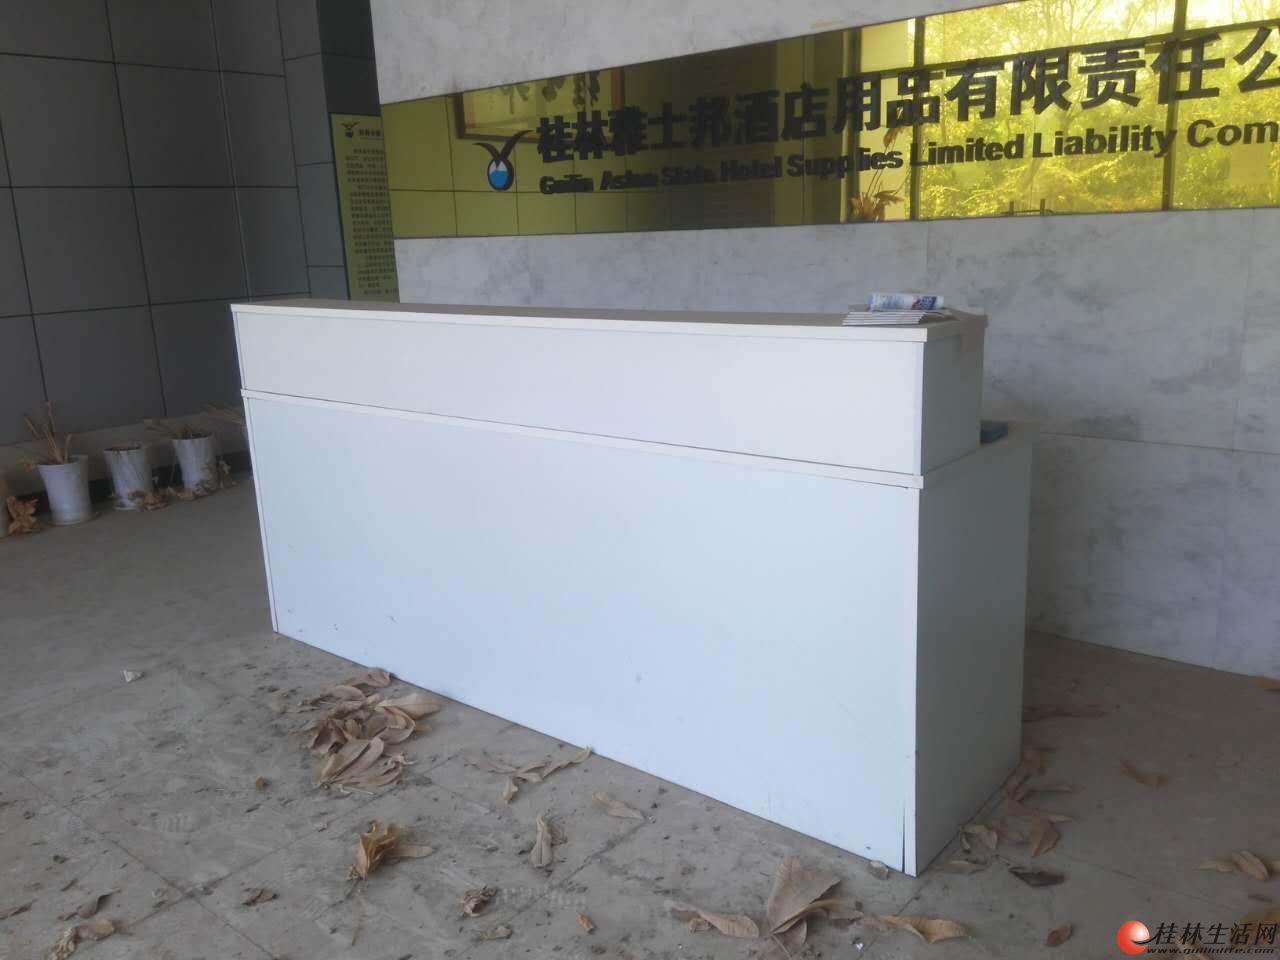 白色吧台(收银台)处理,长2.4米,宽0.6米,高1.1米,另有小型会议桌一张,150元处理